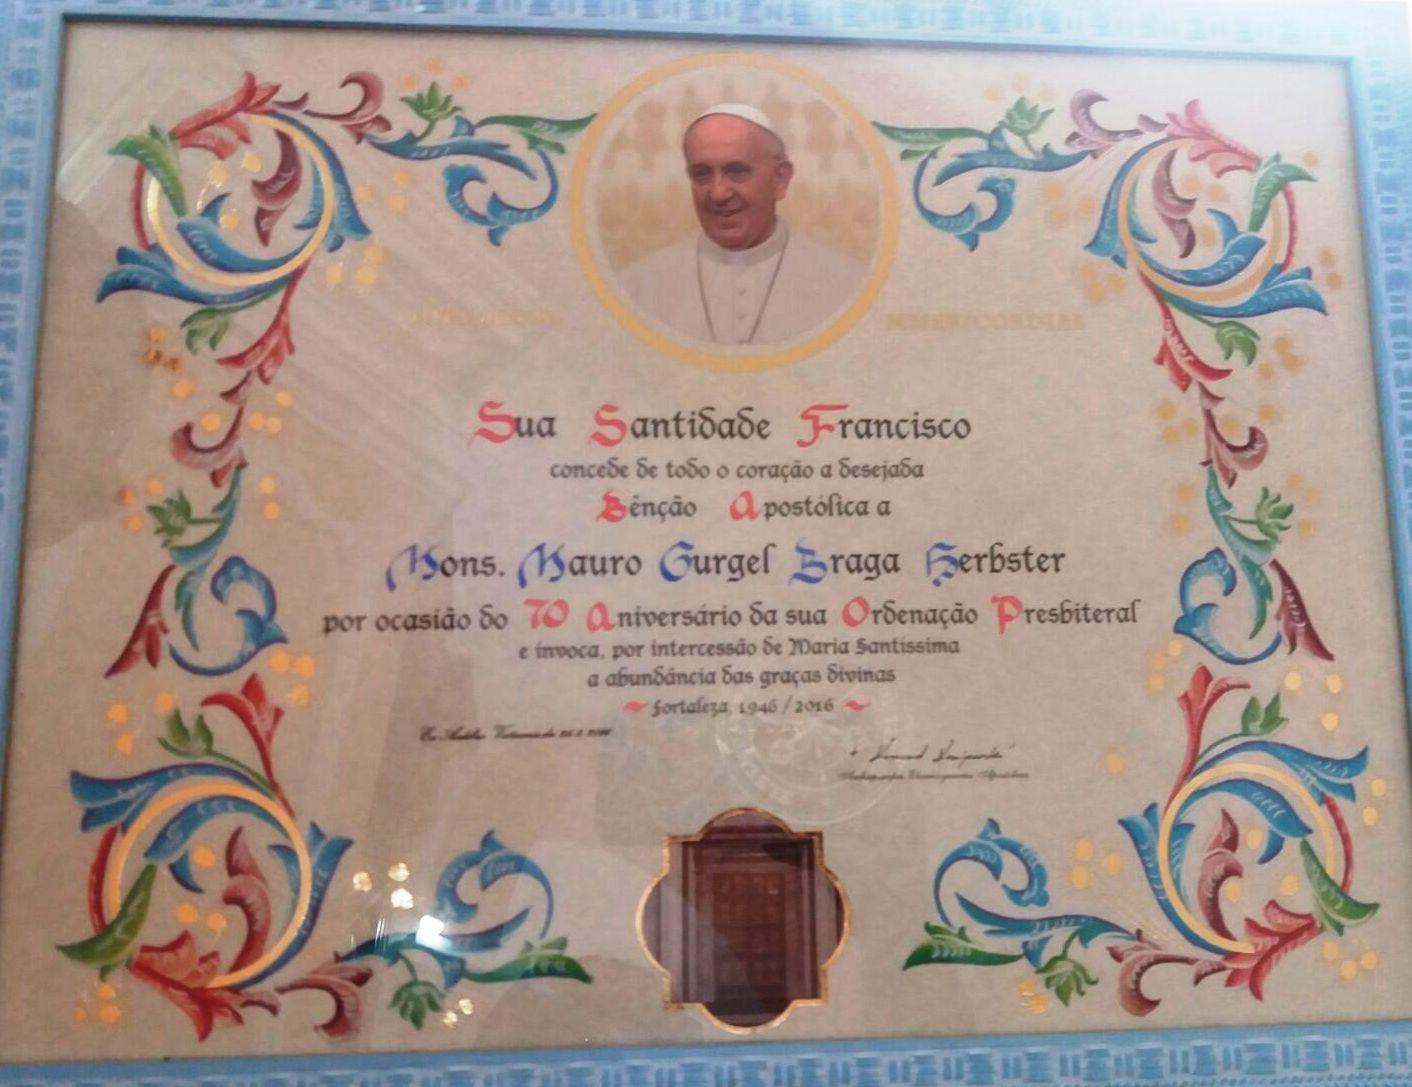 Benção Catolica do Papa Francisco para o Monsenhor Mauro. Arquivo pessoal